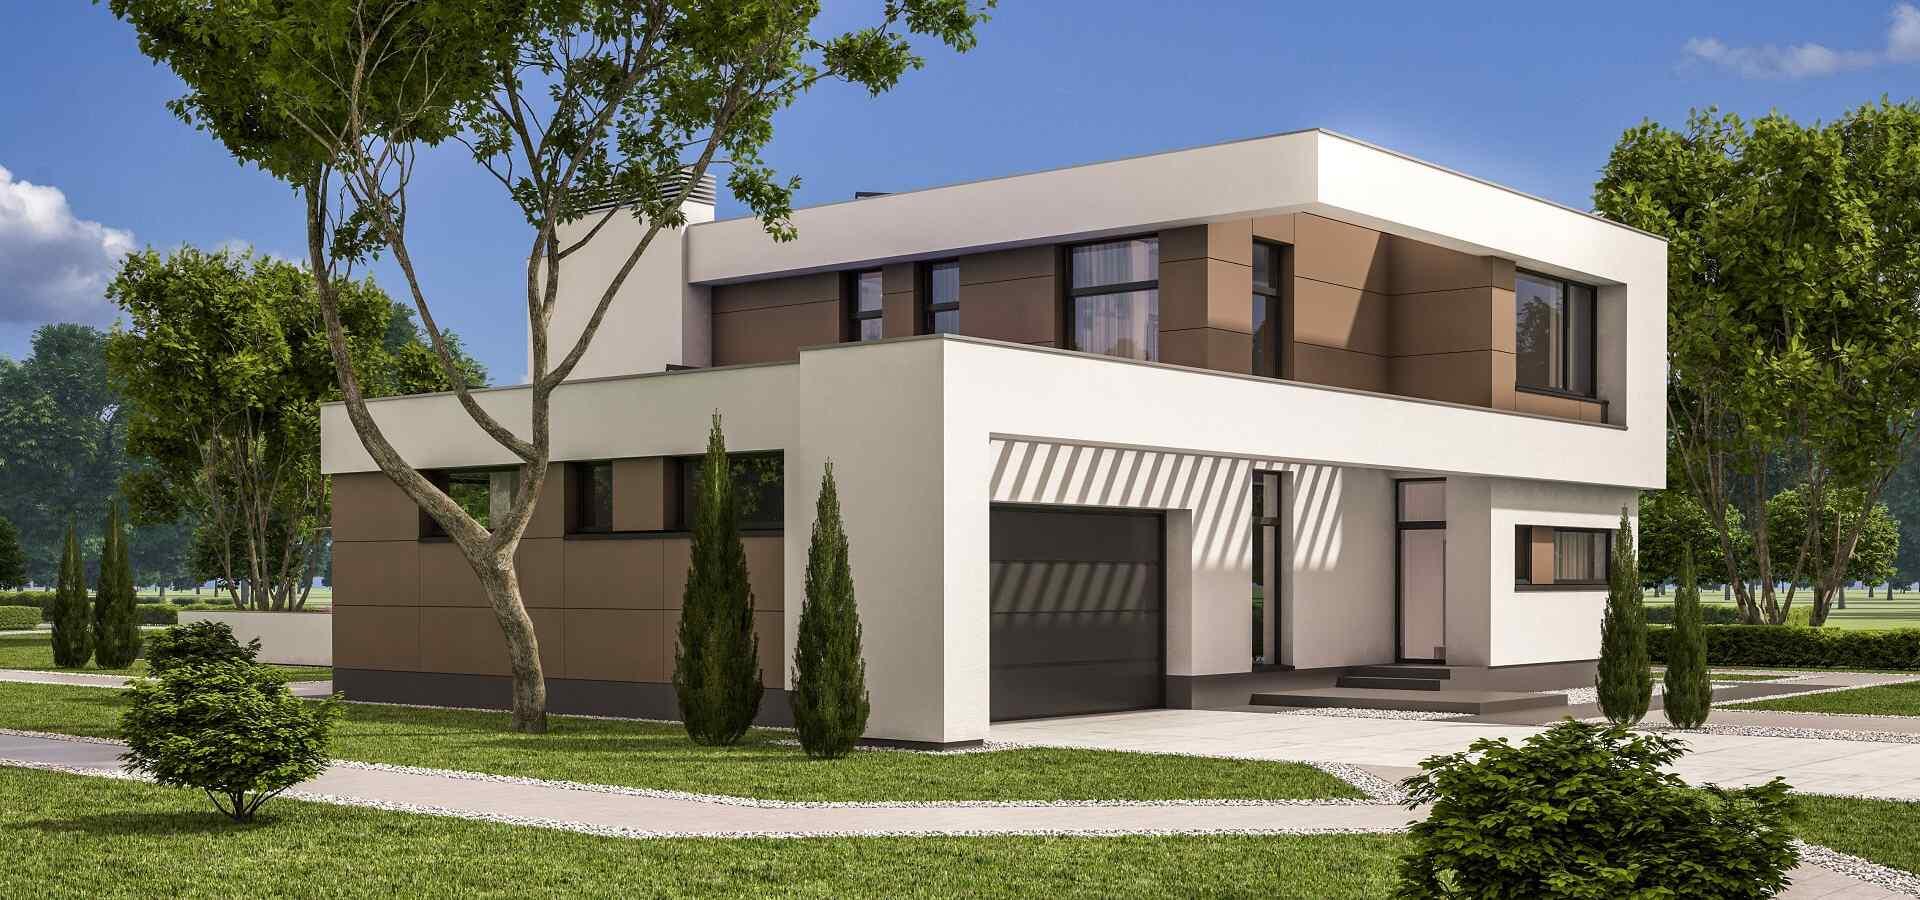 Projekt moderního rodinného domu